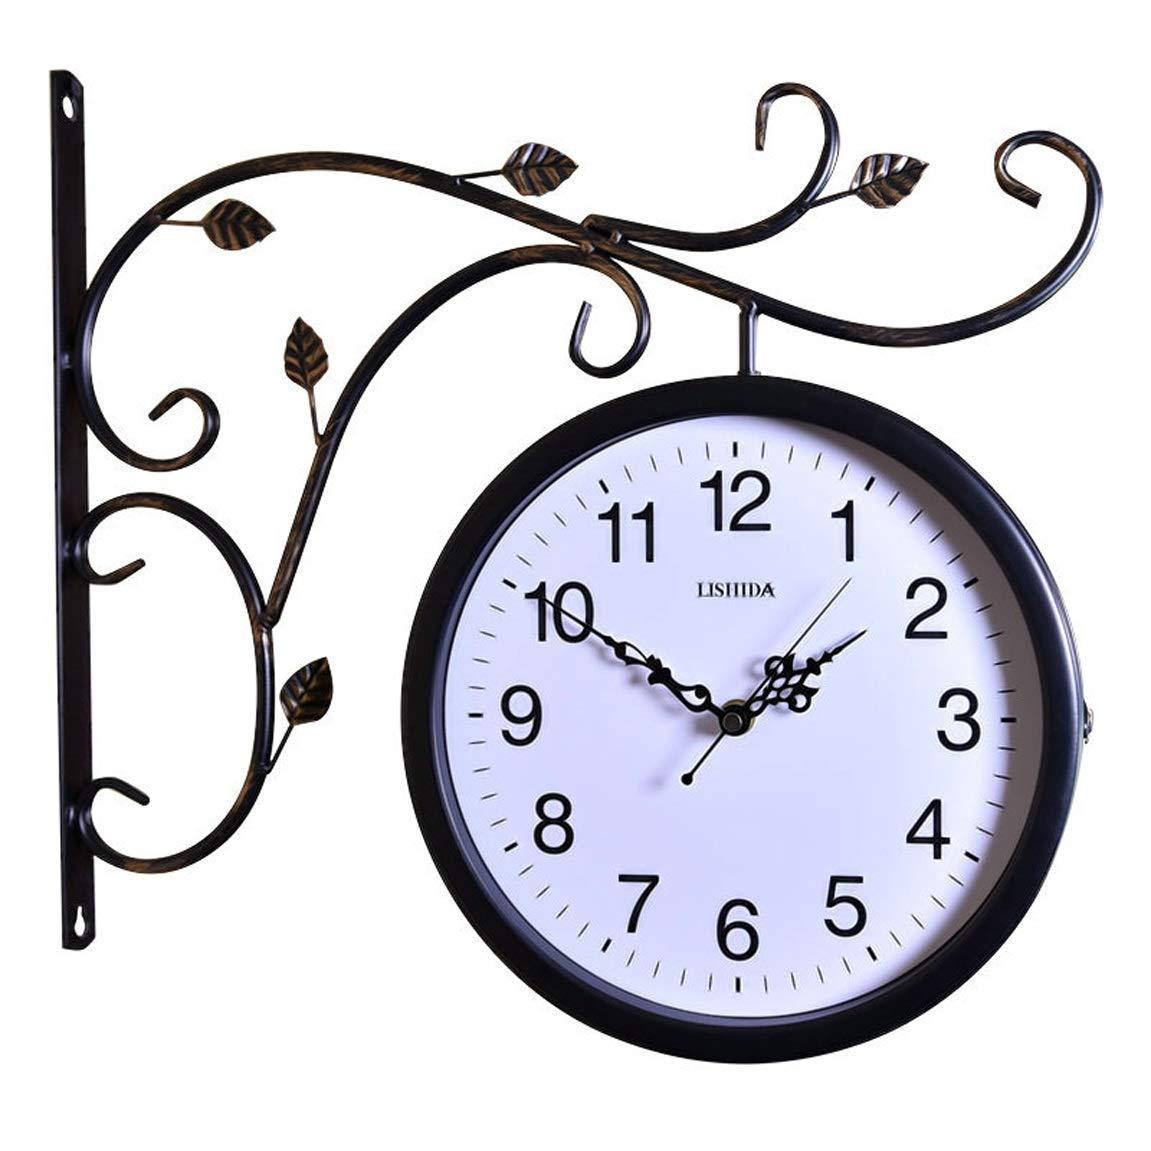 ホームデコレーションクリエイティブパーソナリティウォールクロックJYT、 レトロな壁時計サイレントヨーロッパ両面時計アメリカの農村リビングルームの壁時計クラフト時計15 ファッション雑貨   B07RGJR6HD